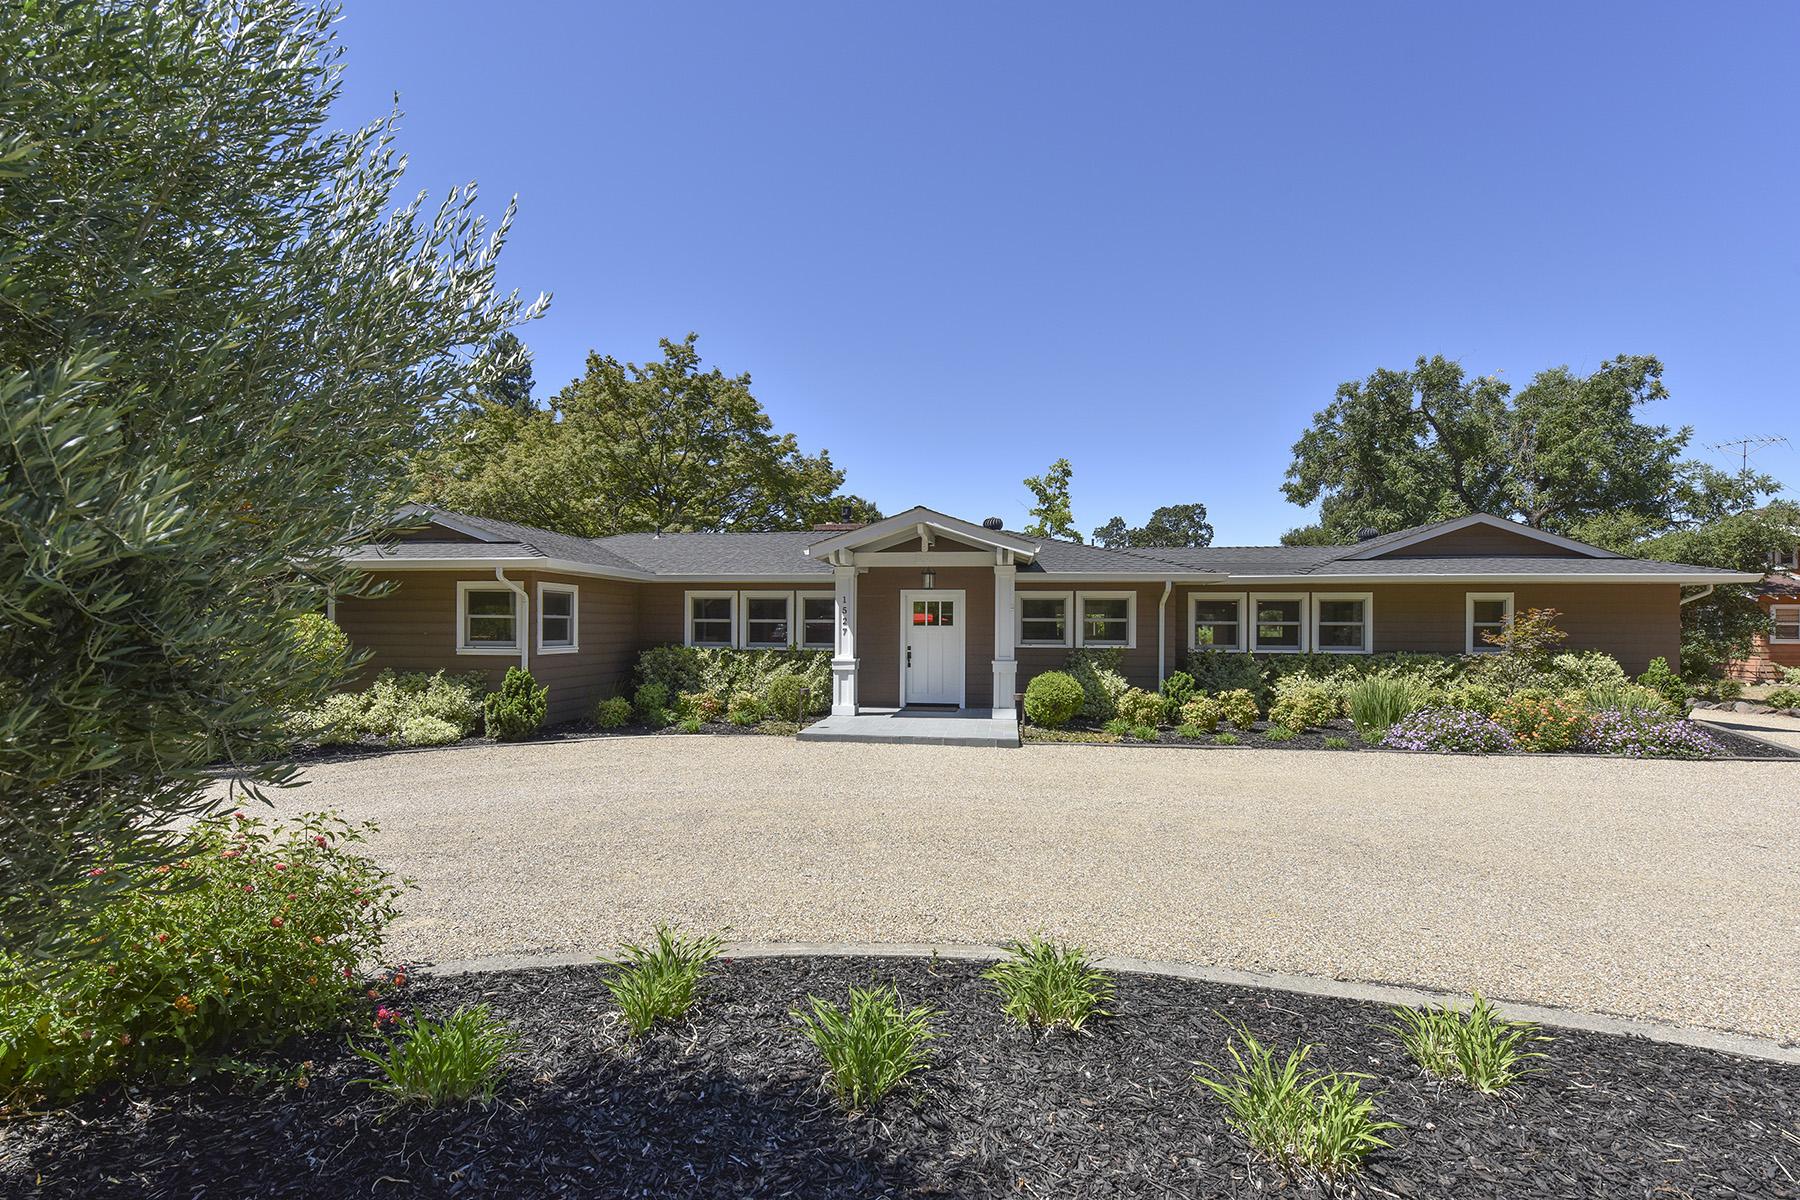 단독 가정 주택 용 매매 에 1527 Atlas Peak Rd, Napa, CA 94558 1527 Atlas Peak Rd Napa, 캘리포니아, 94558 미국